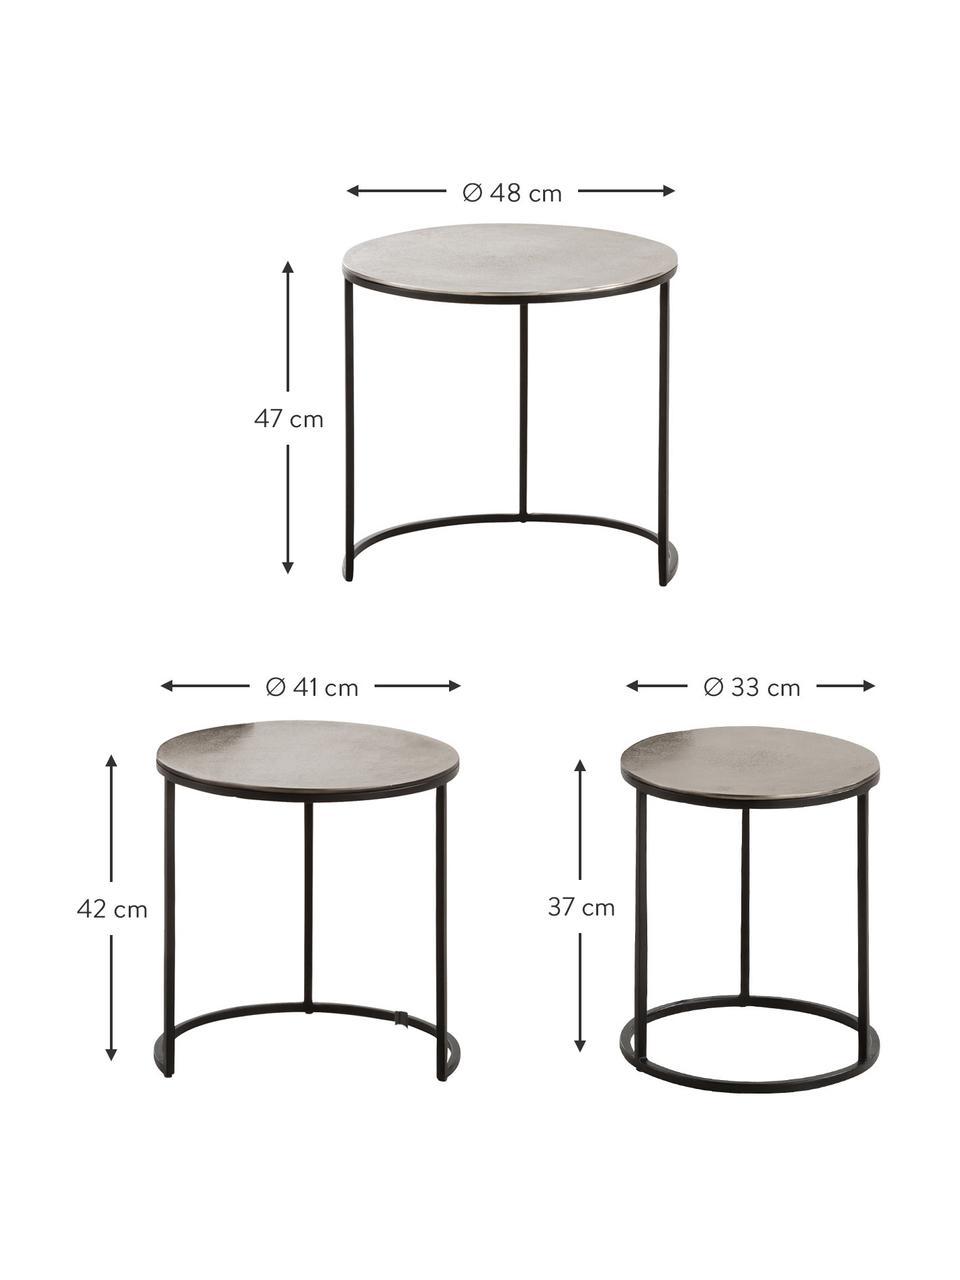 Table d'appoint gigogne avec plateau couleur argentée Scott, 3élém., Aluminium, noir